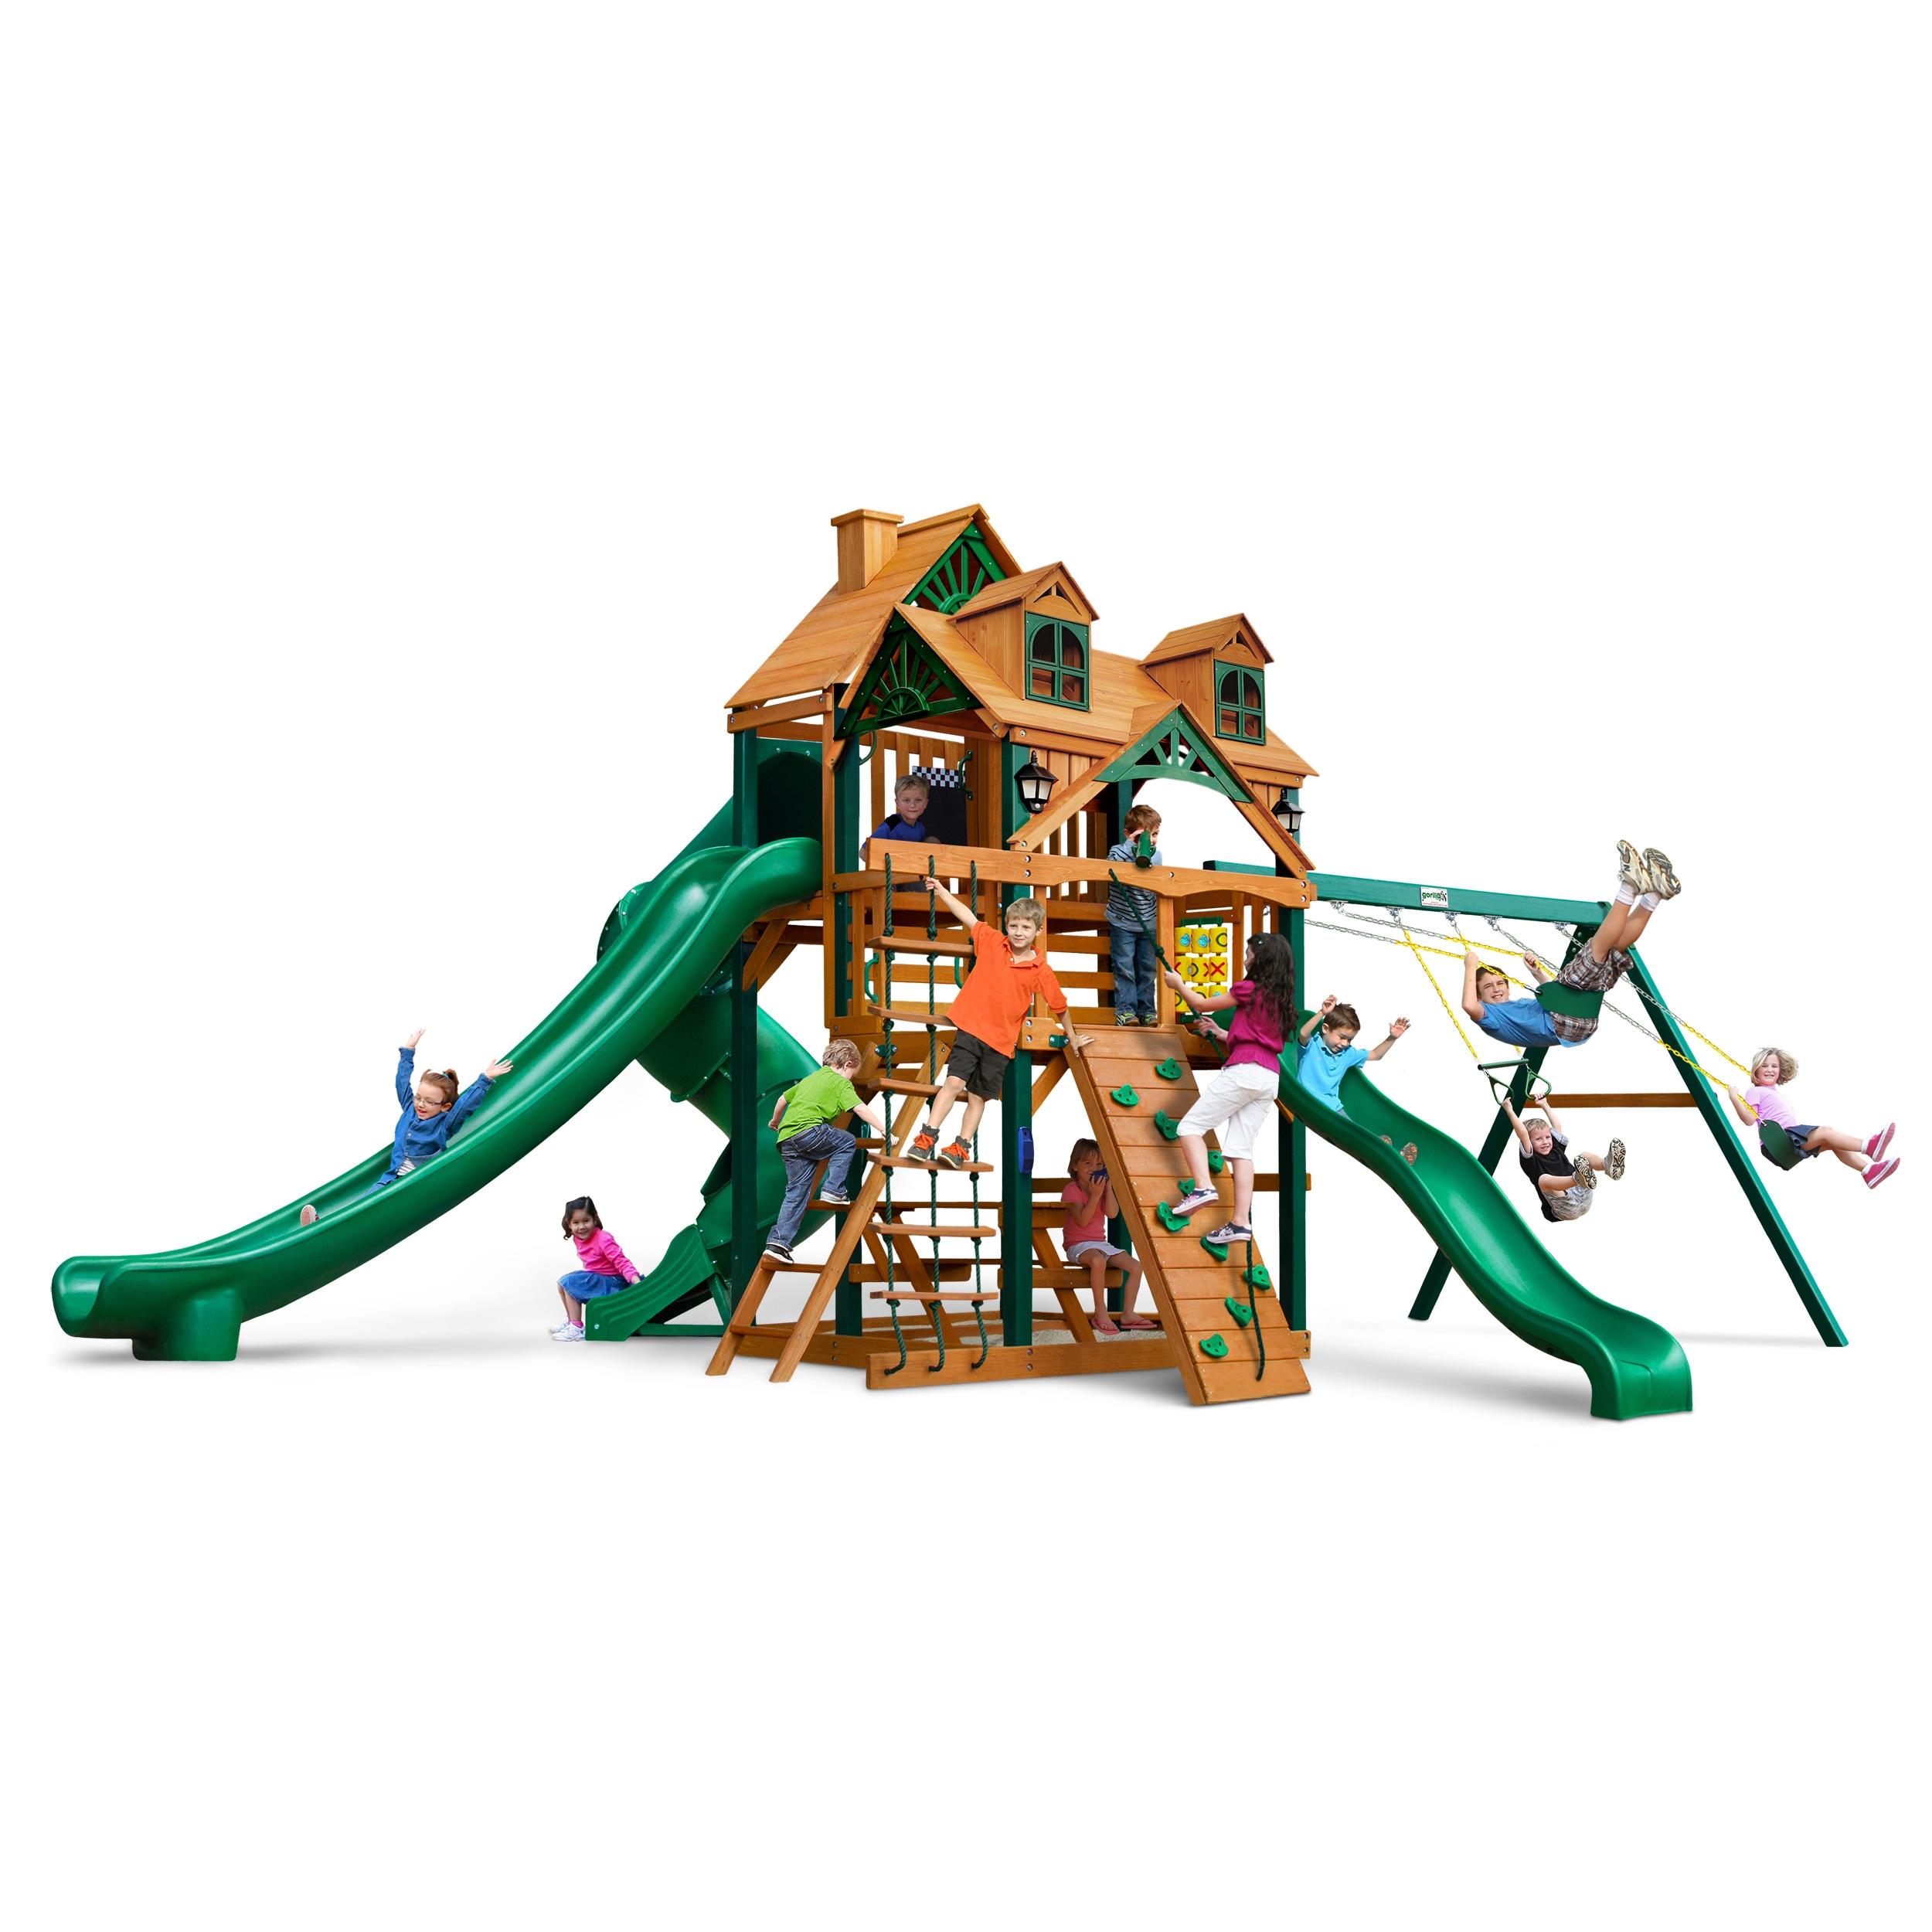 Gorilla Playsets Malibu Deluxe II Swing Set